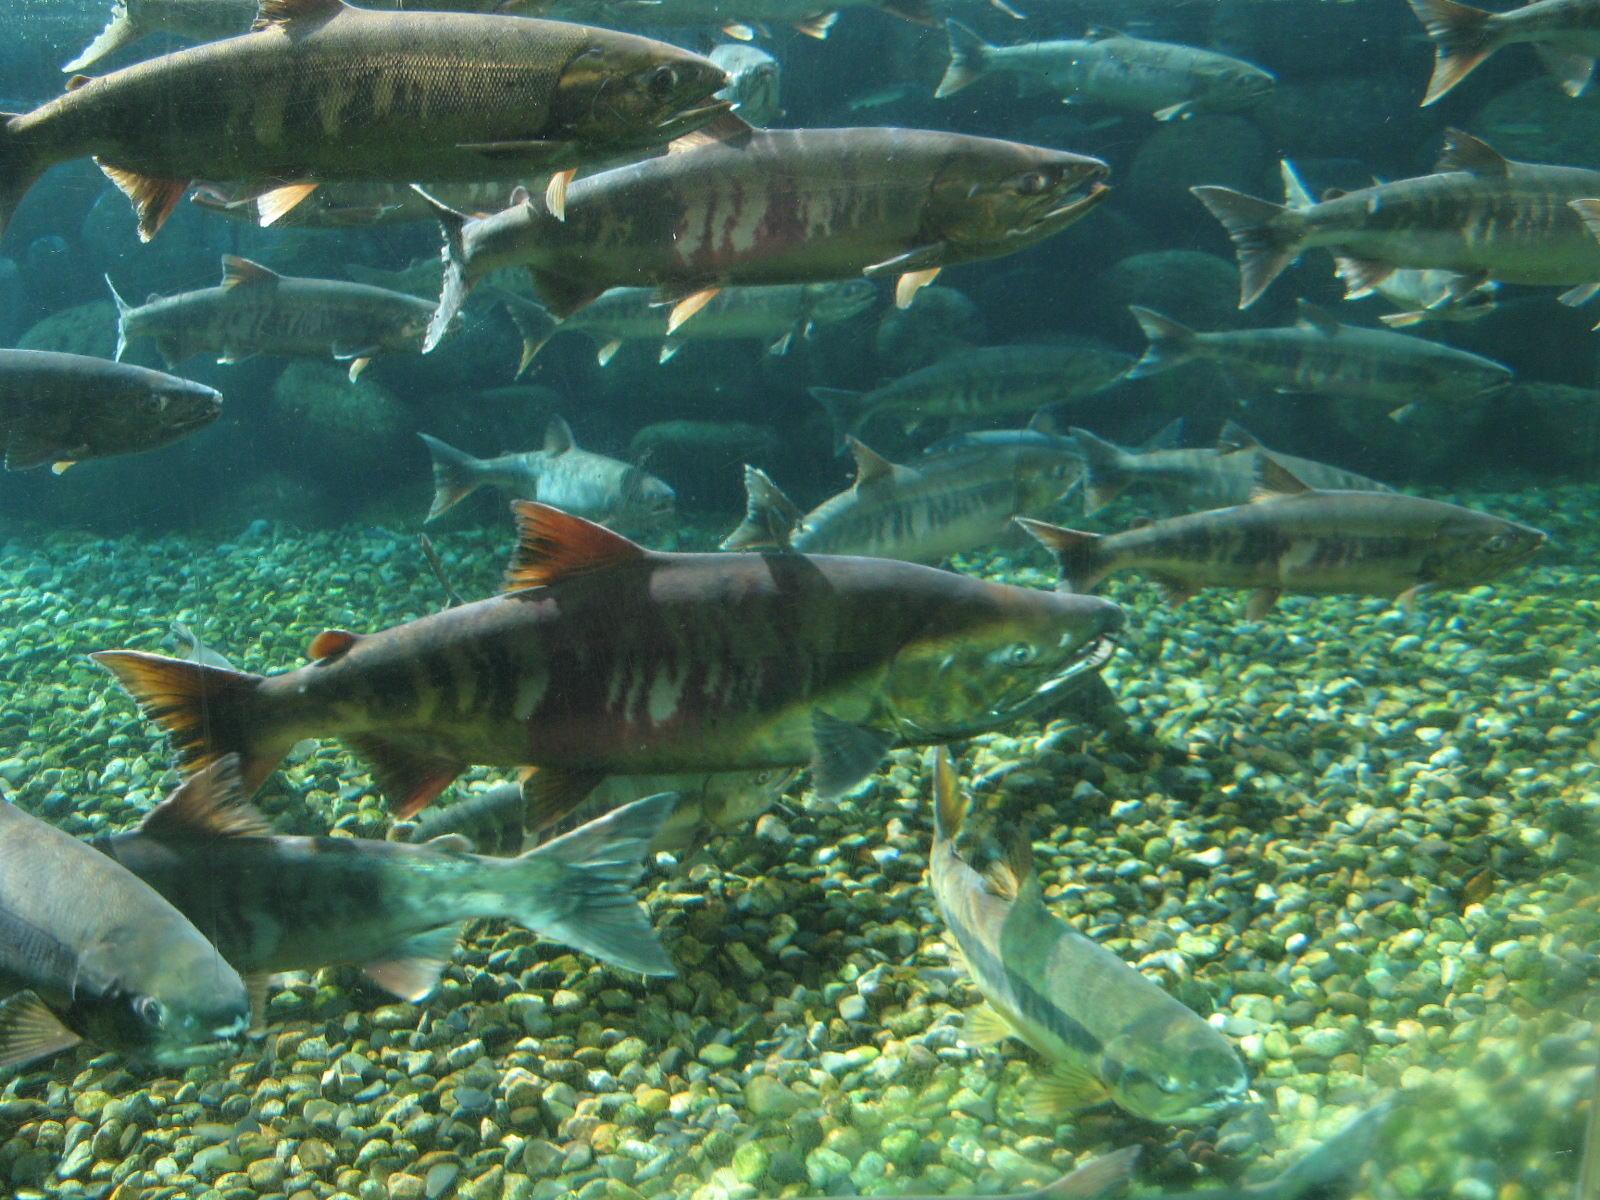 川の中の自然を観察してみよう